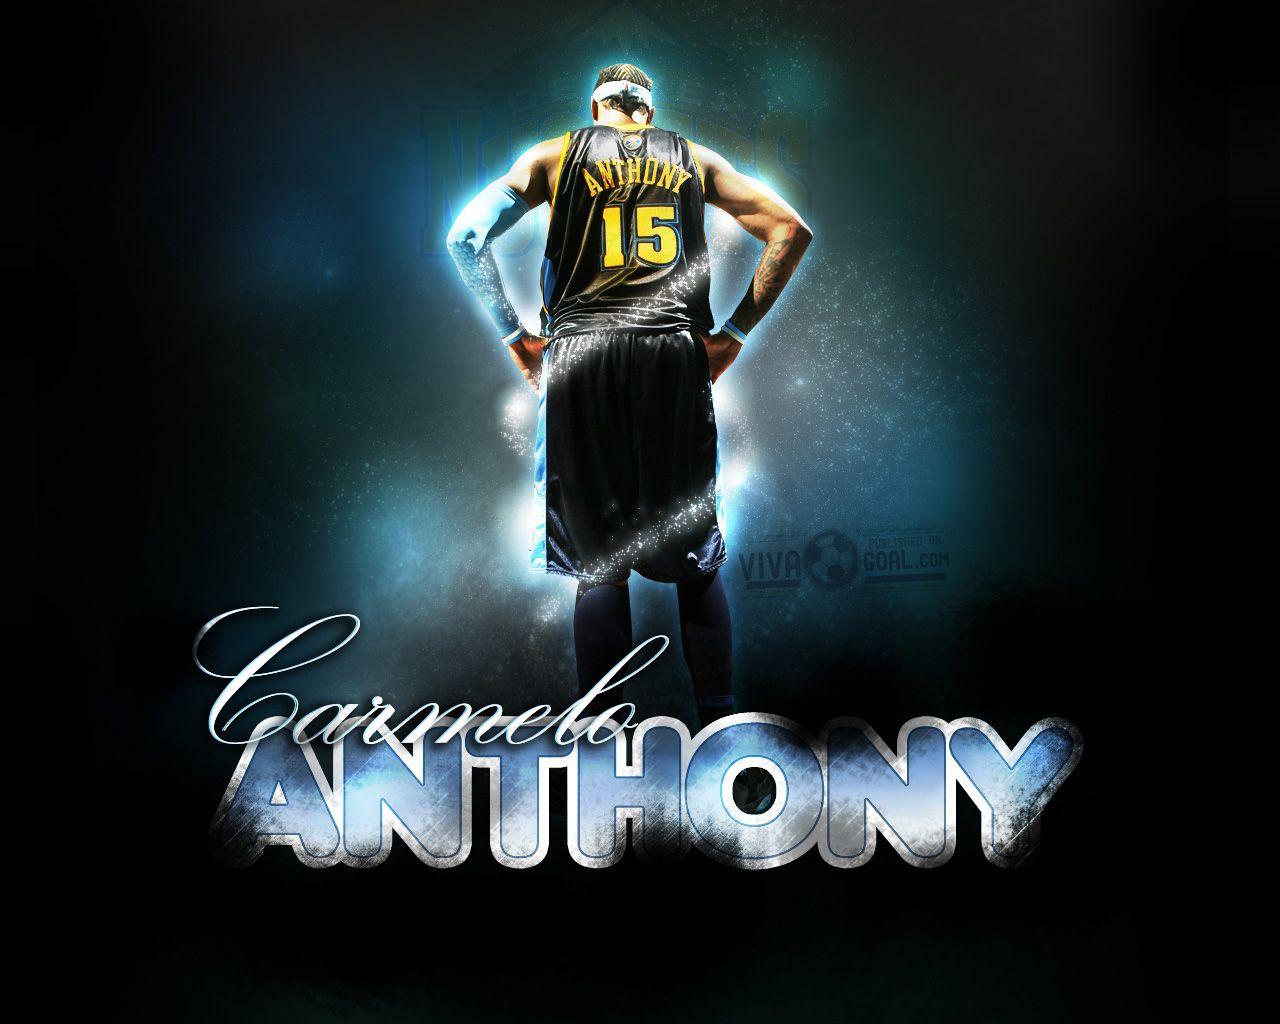 Carmelo Anthony Carmelo Anthony 101870 Uludag Sozluk Galeri Galeri